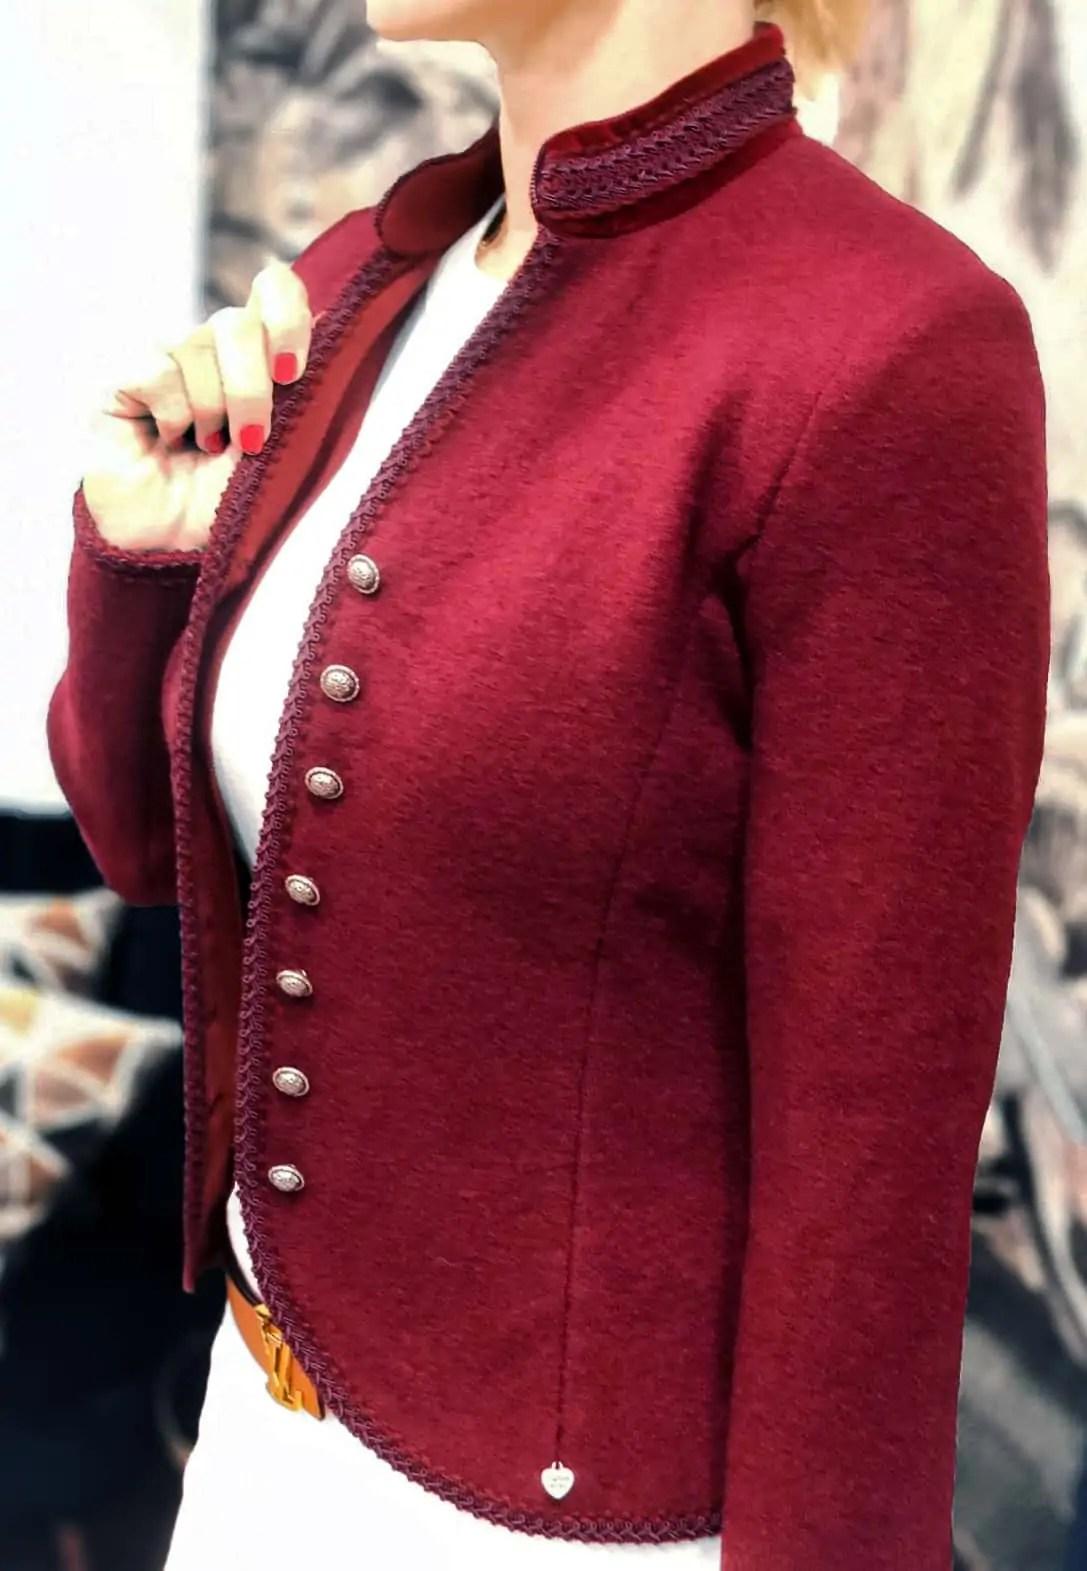 Damen Walkjanker Amelia in Rot